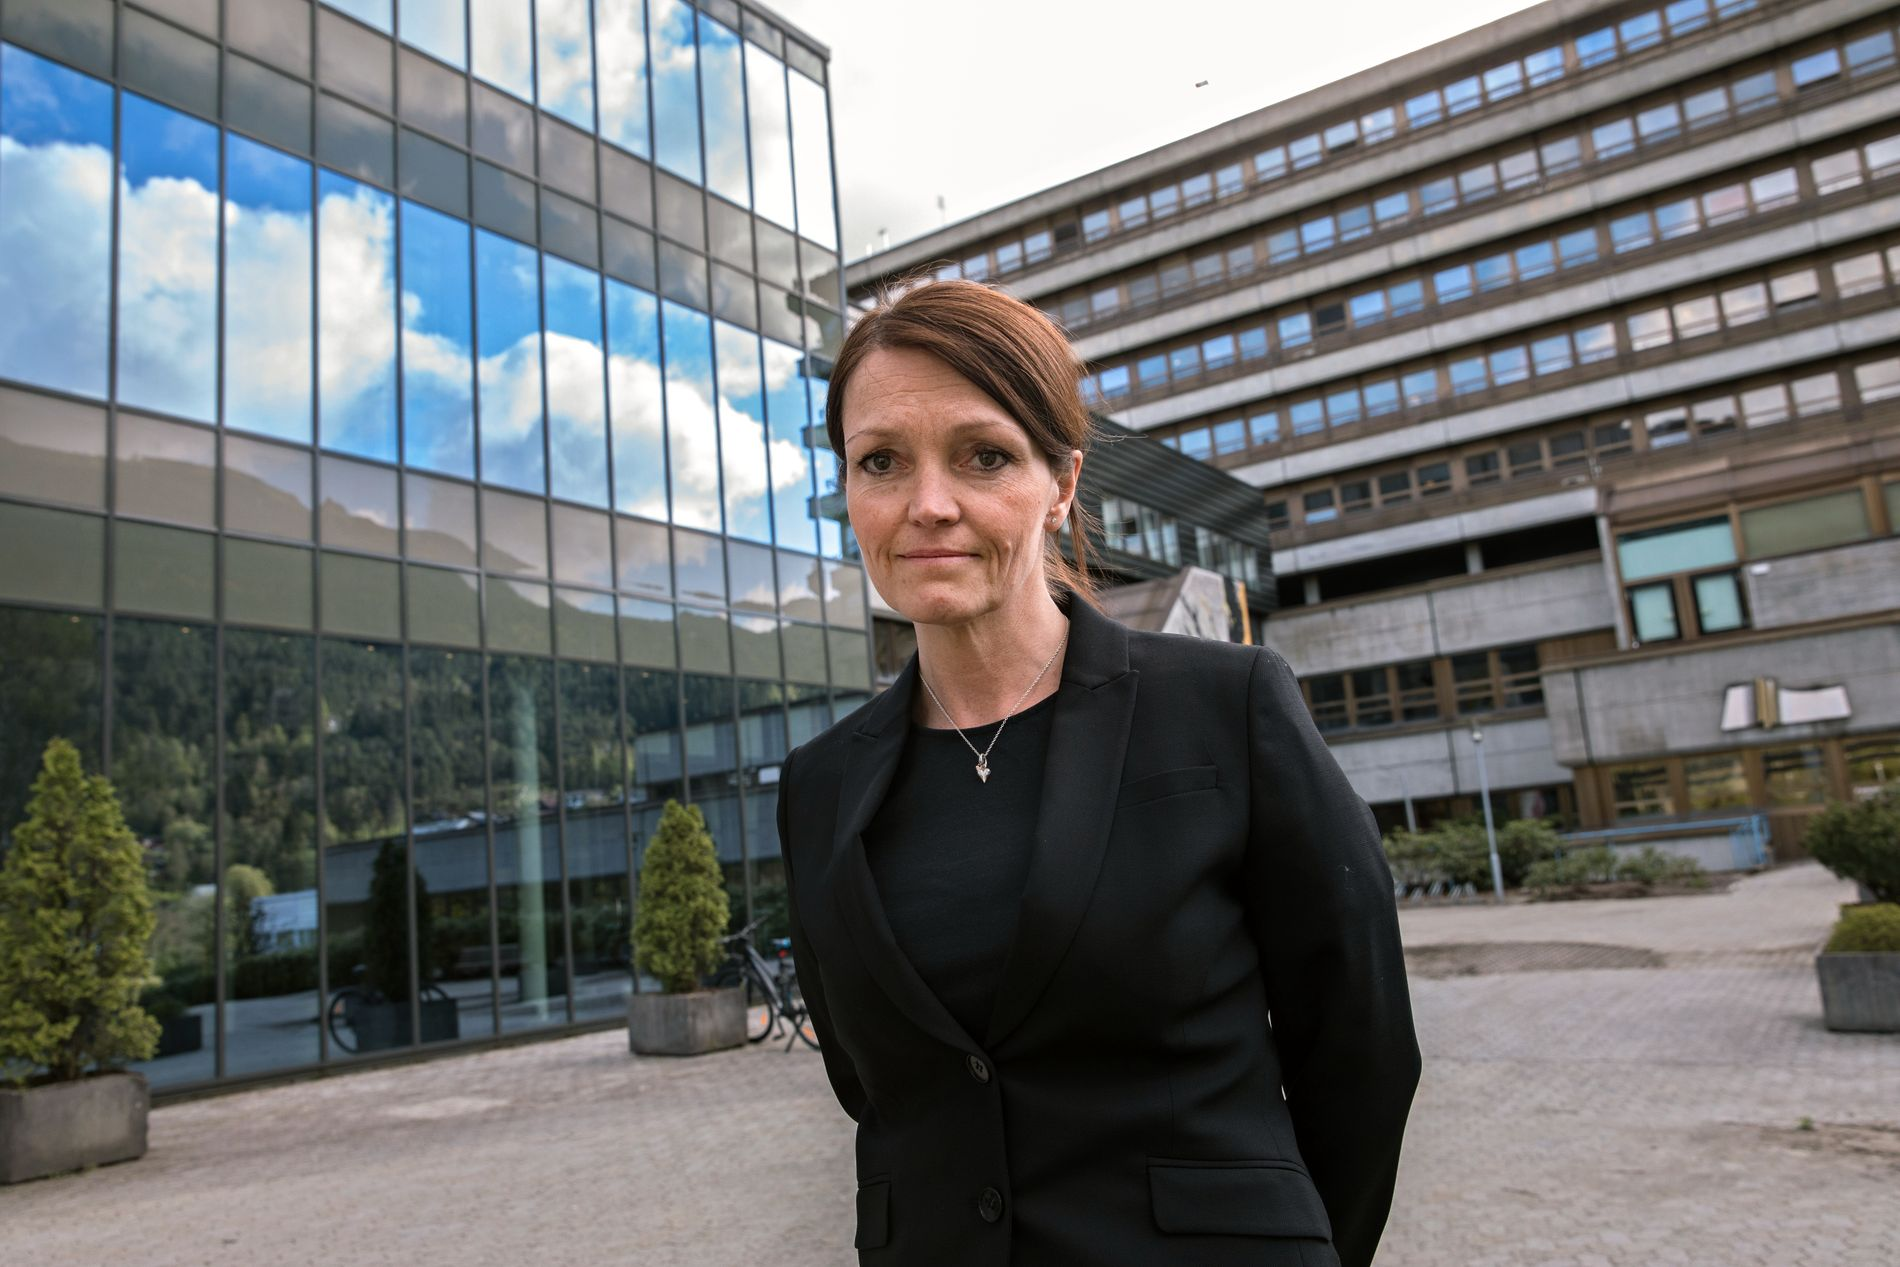 – ALVORLIG: Fagdirektør ved sykehuset Førde, Trine Hunskår Vingsnes, opplyser at pasientens tilstand fortsatt er alvorlig.